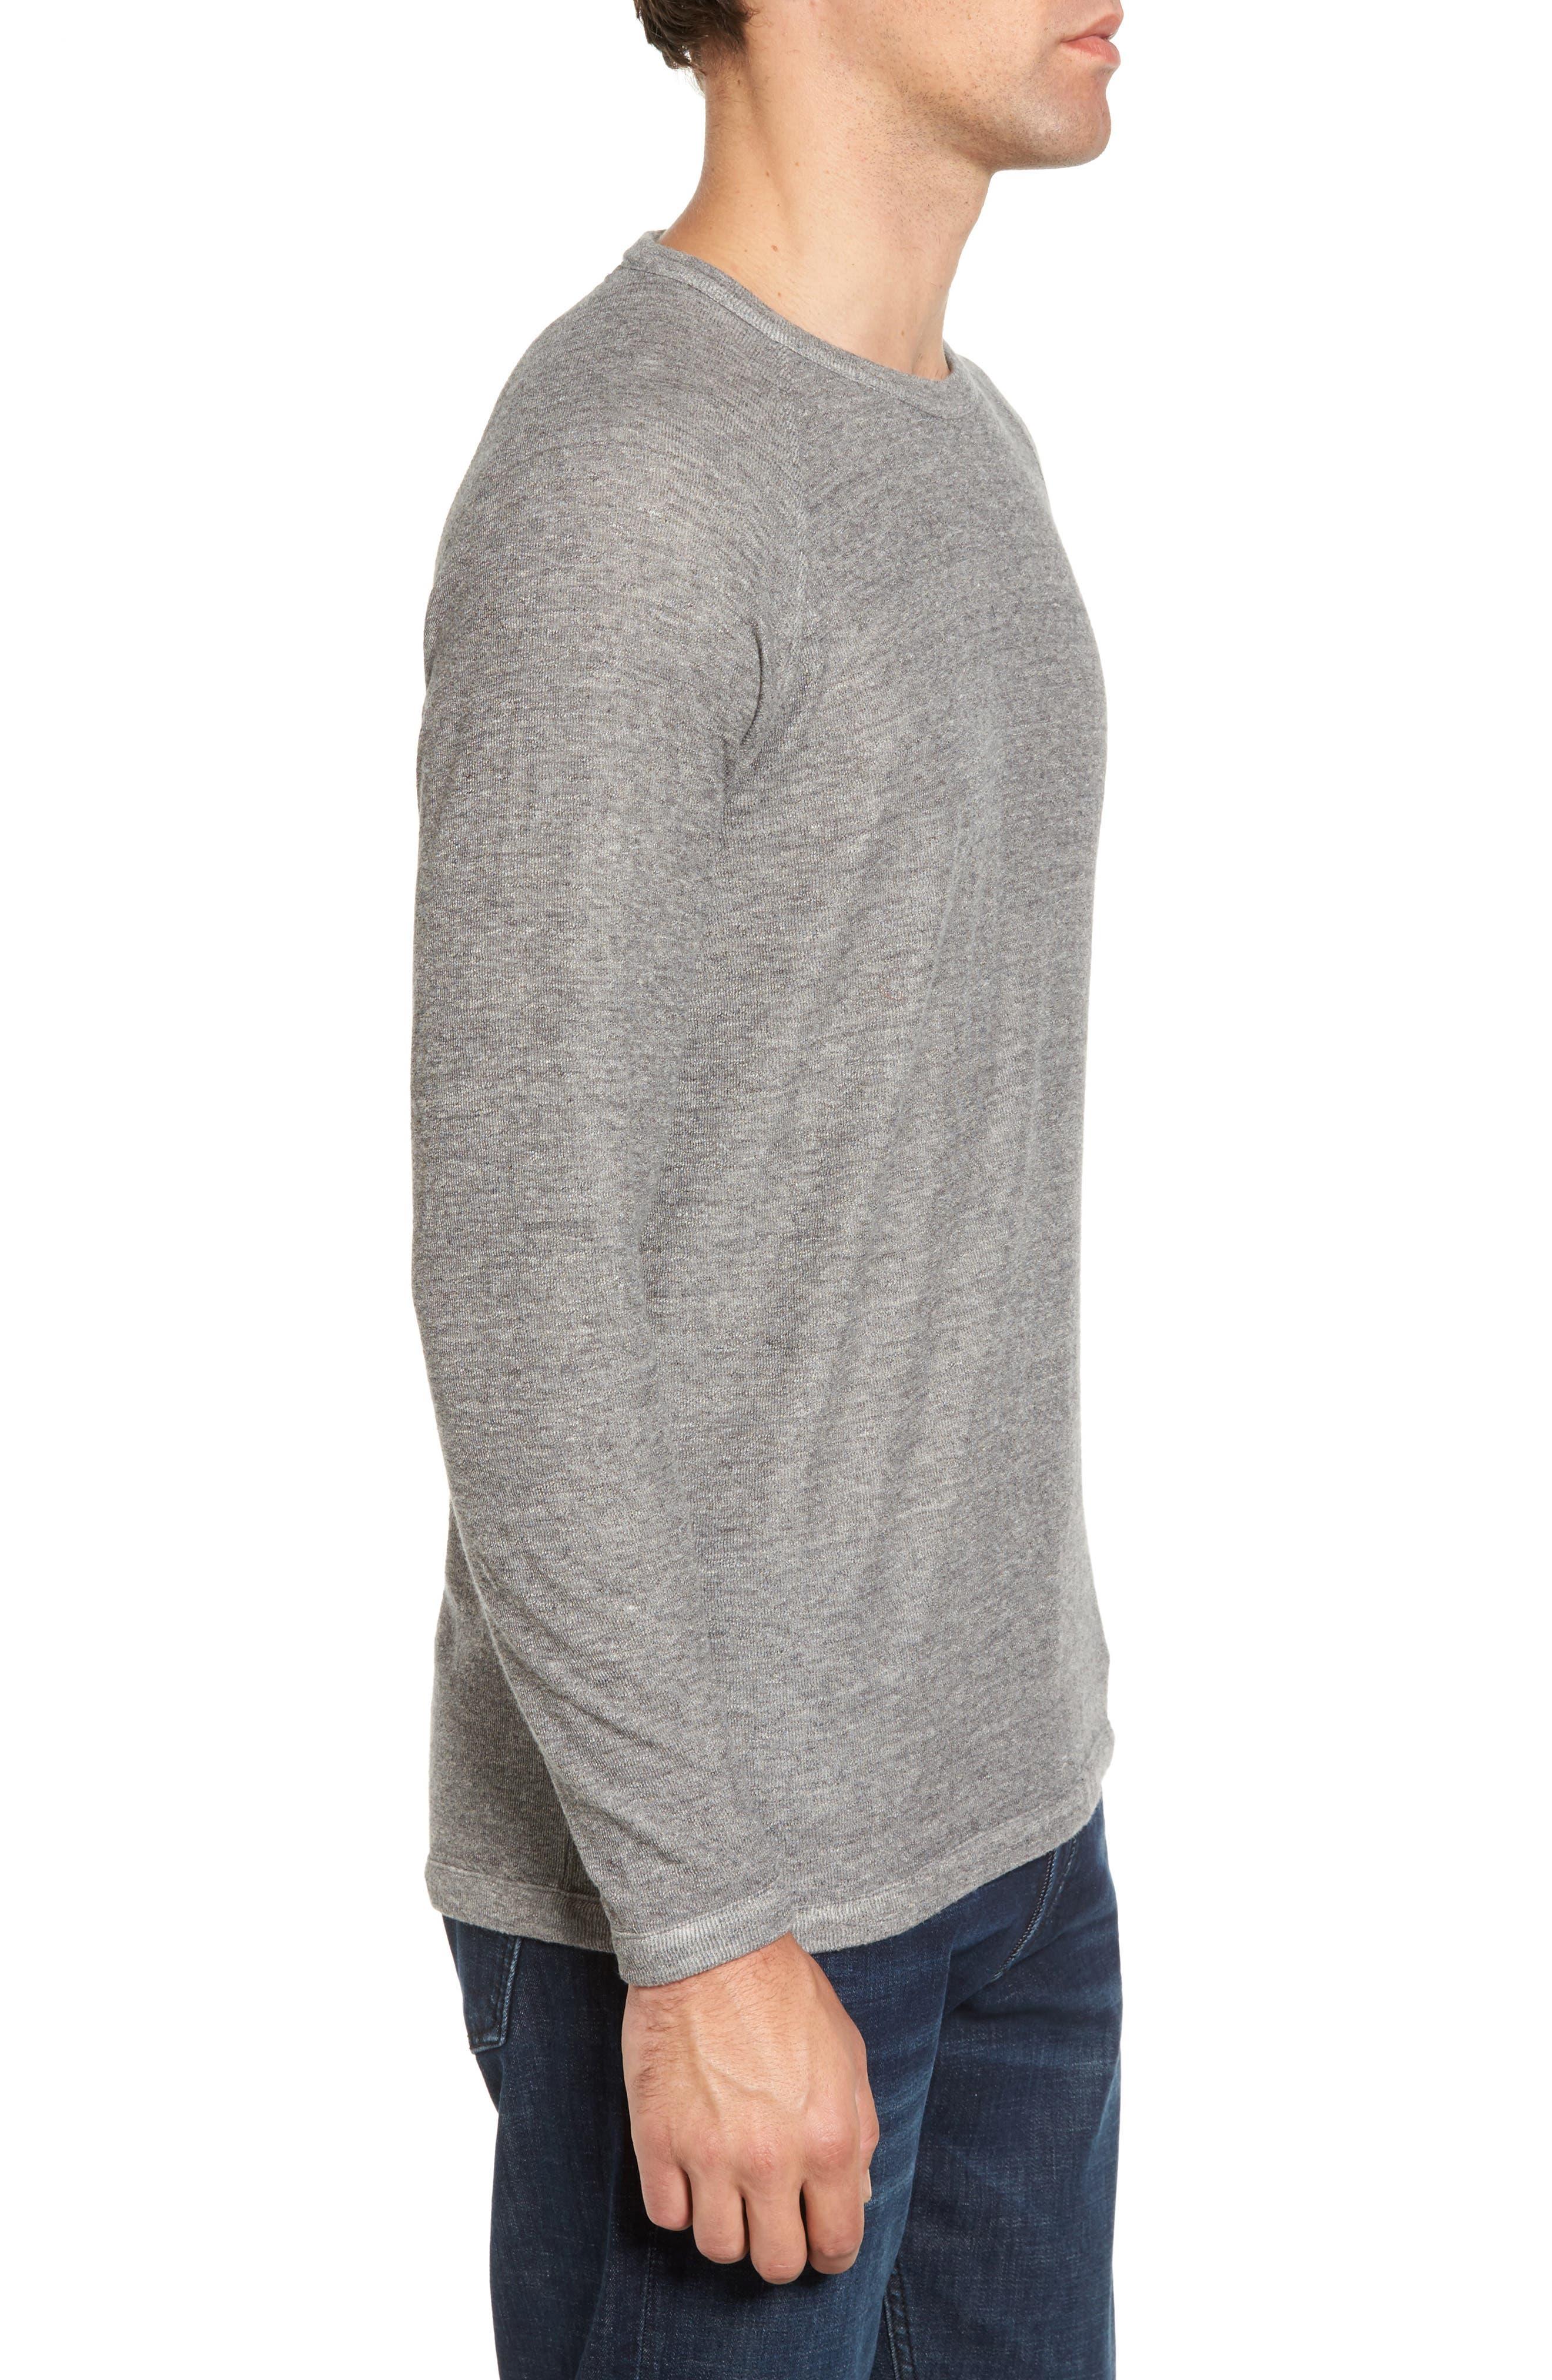 Jensen Double Cloth Crewneck Shirt,                             Alternate thumbnail 3, color,                             031